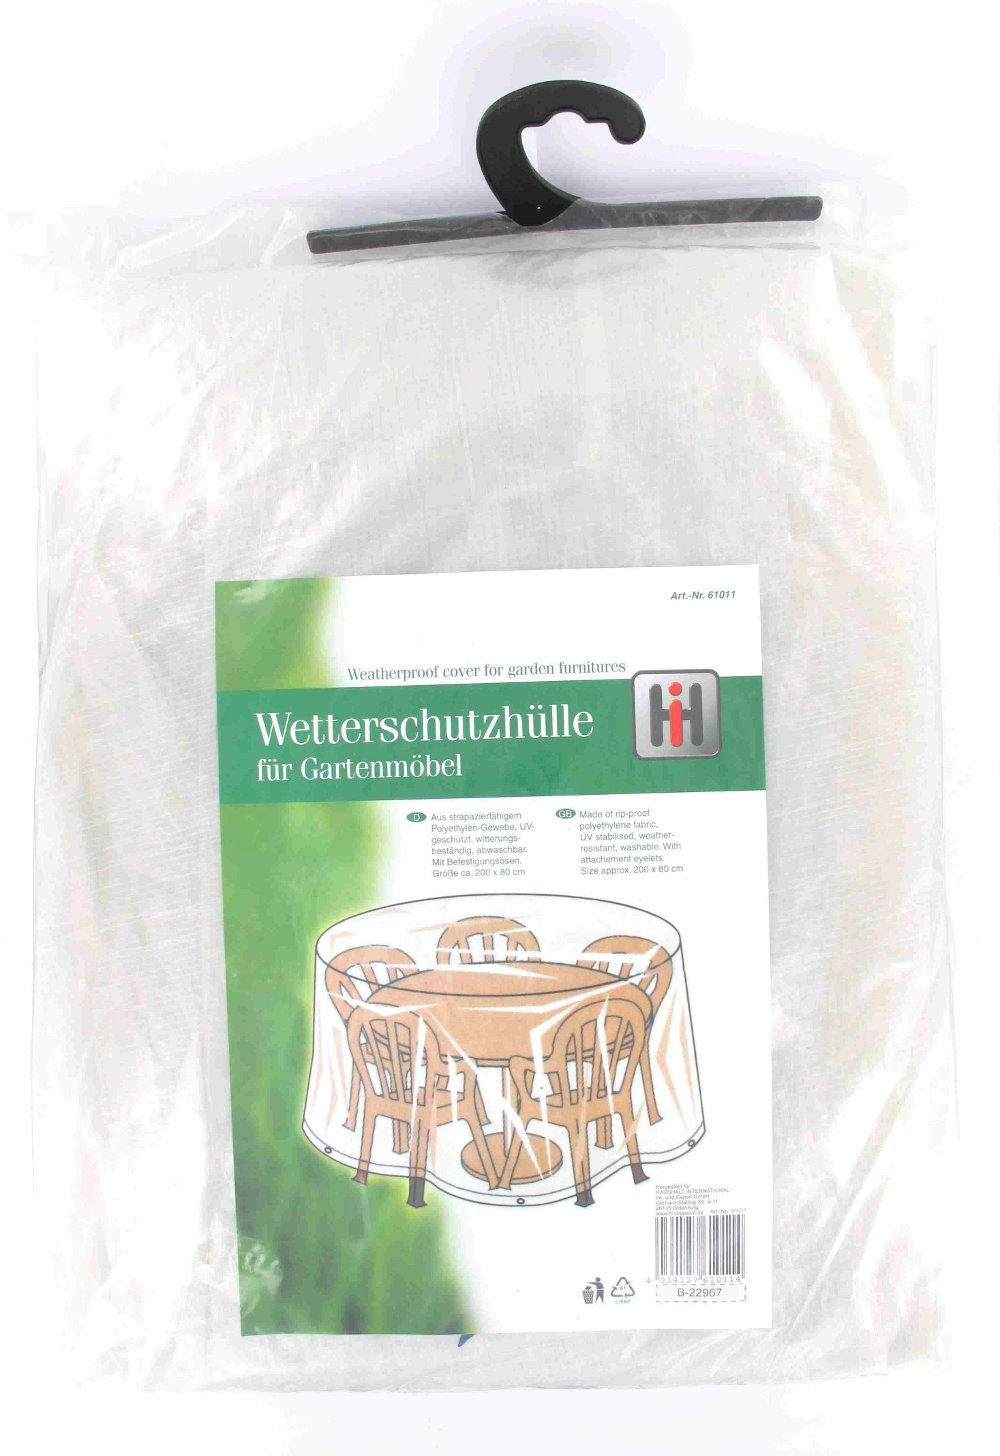 Wetterschutzhülle für Gartenmöbel Tisch kaufen